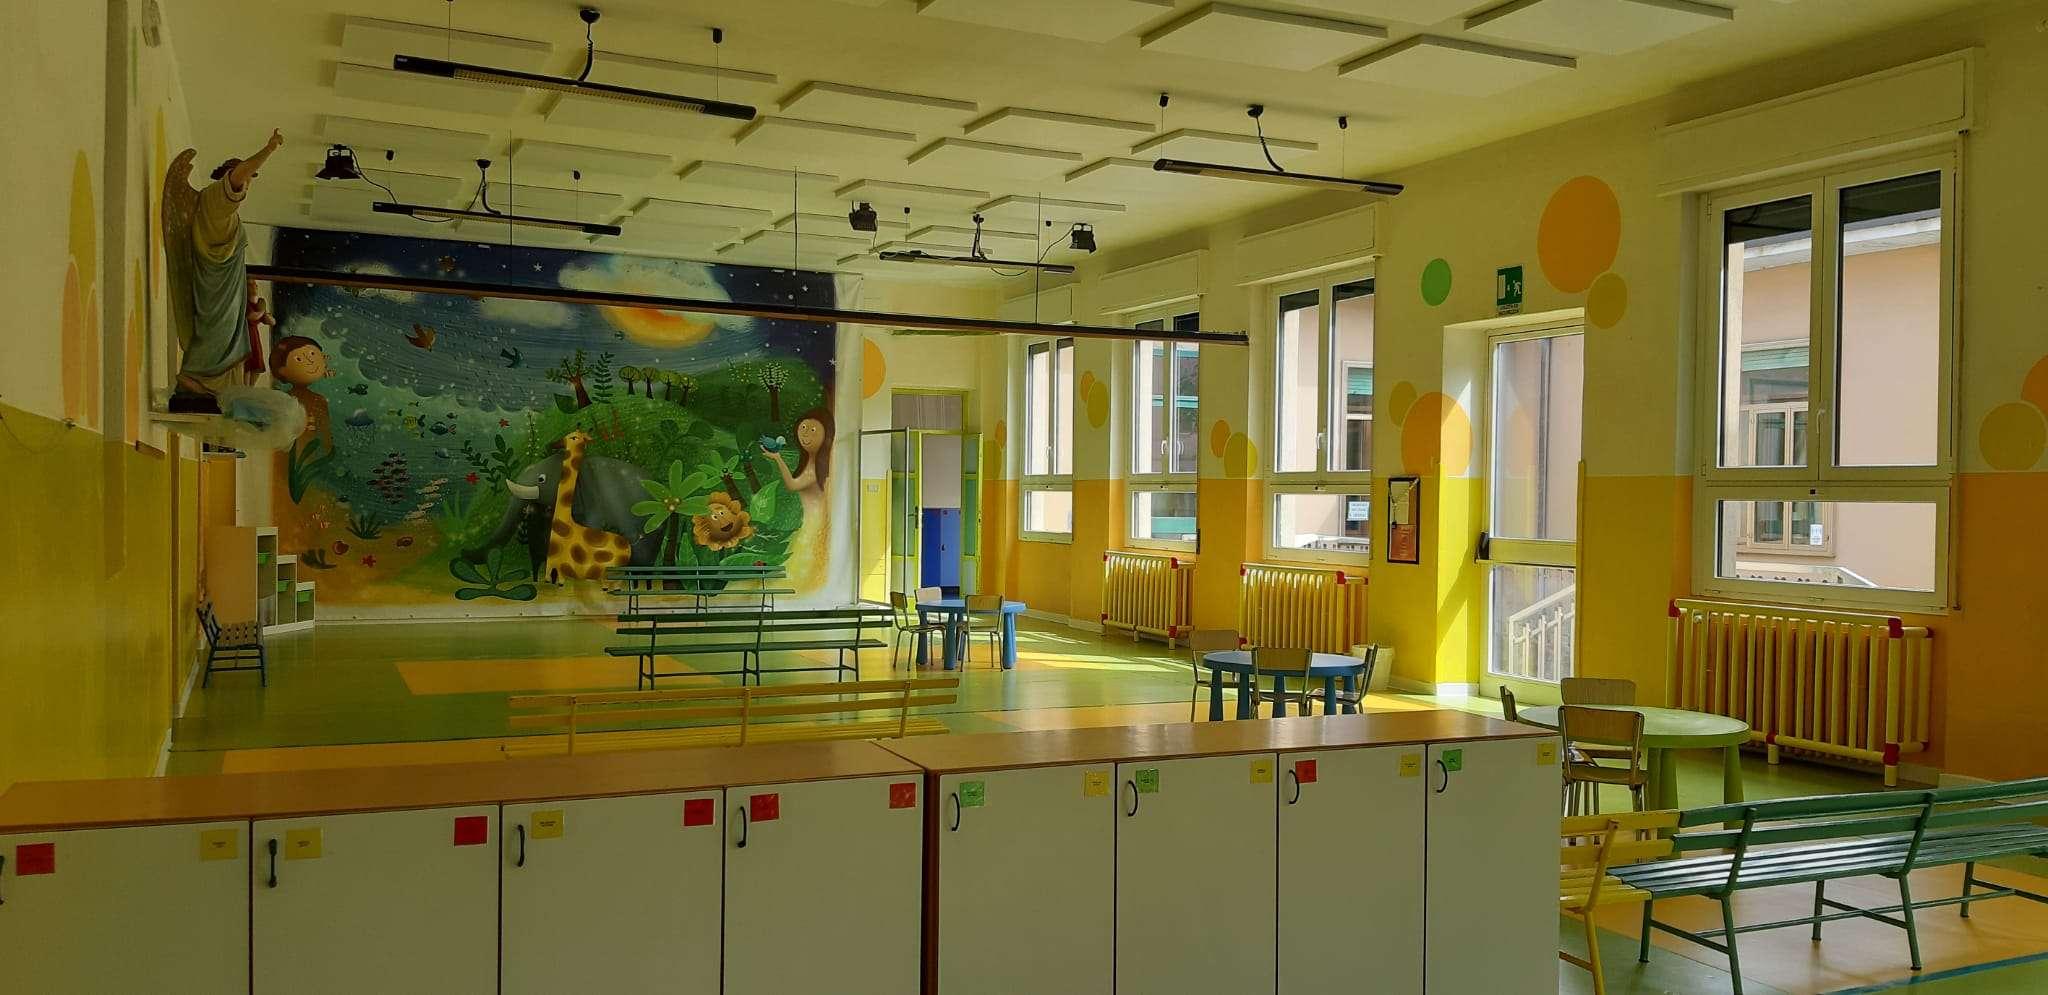 primo giorno scuola 202013 - Scuola Materna Peschiera Borromeo